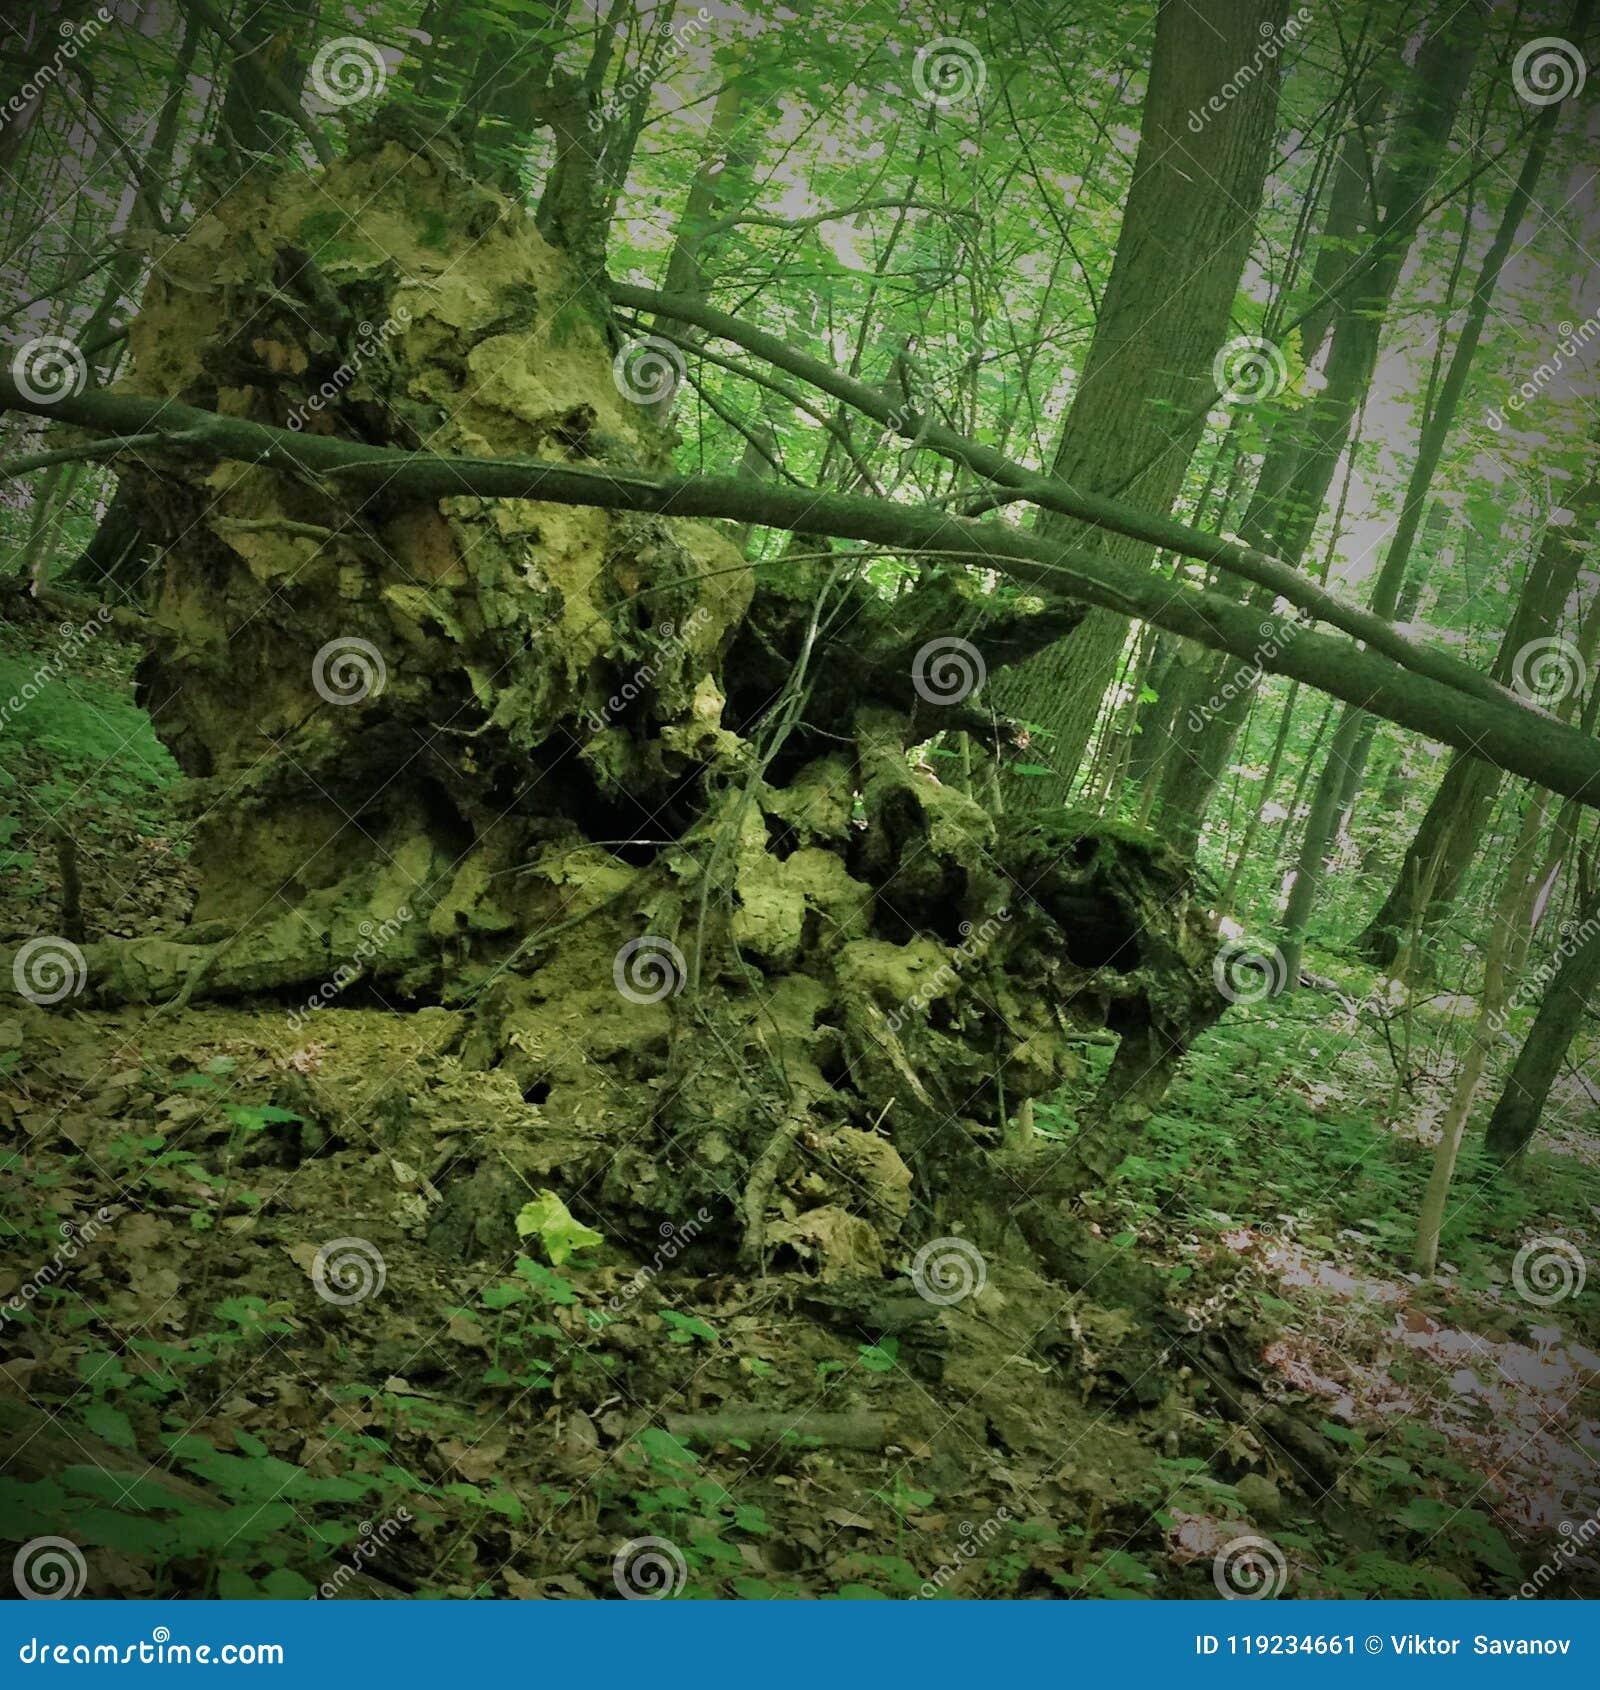 Inverterade gamla stubben för jord högen av en bisarr form är mycket liknande till en spöke, monstret, elaka trollet, ensemble, o